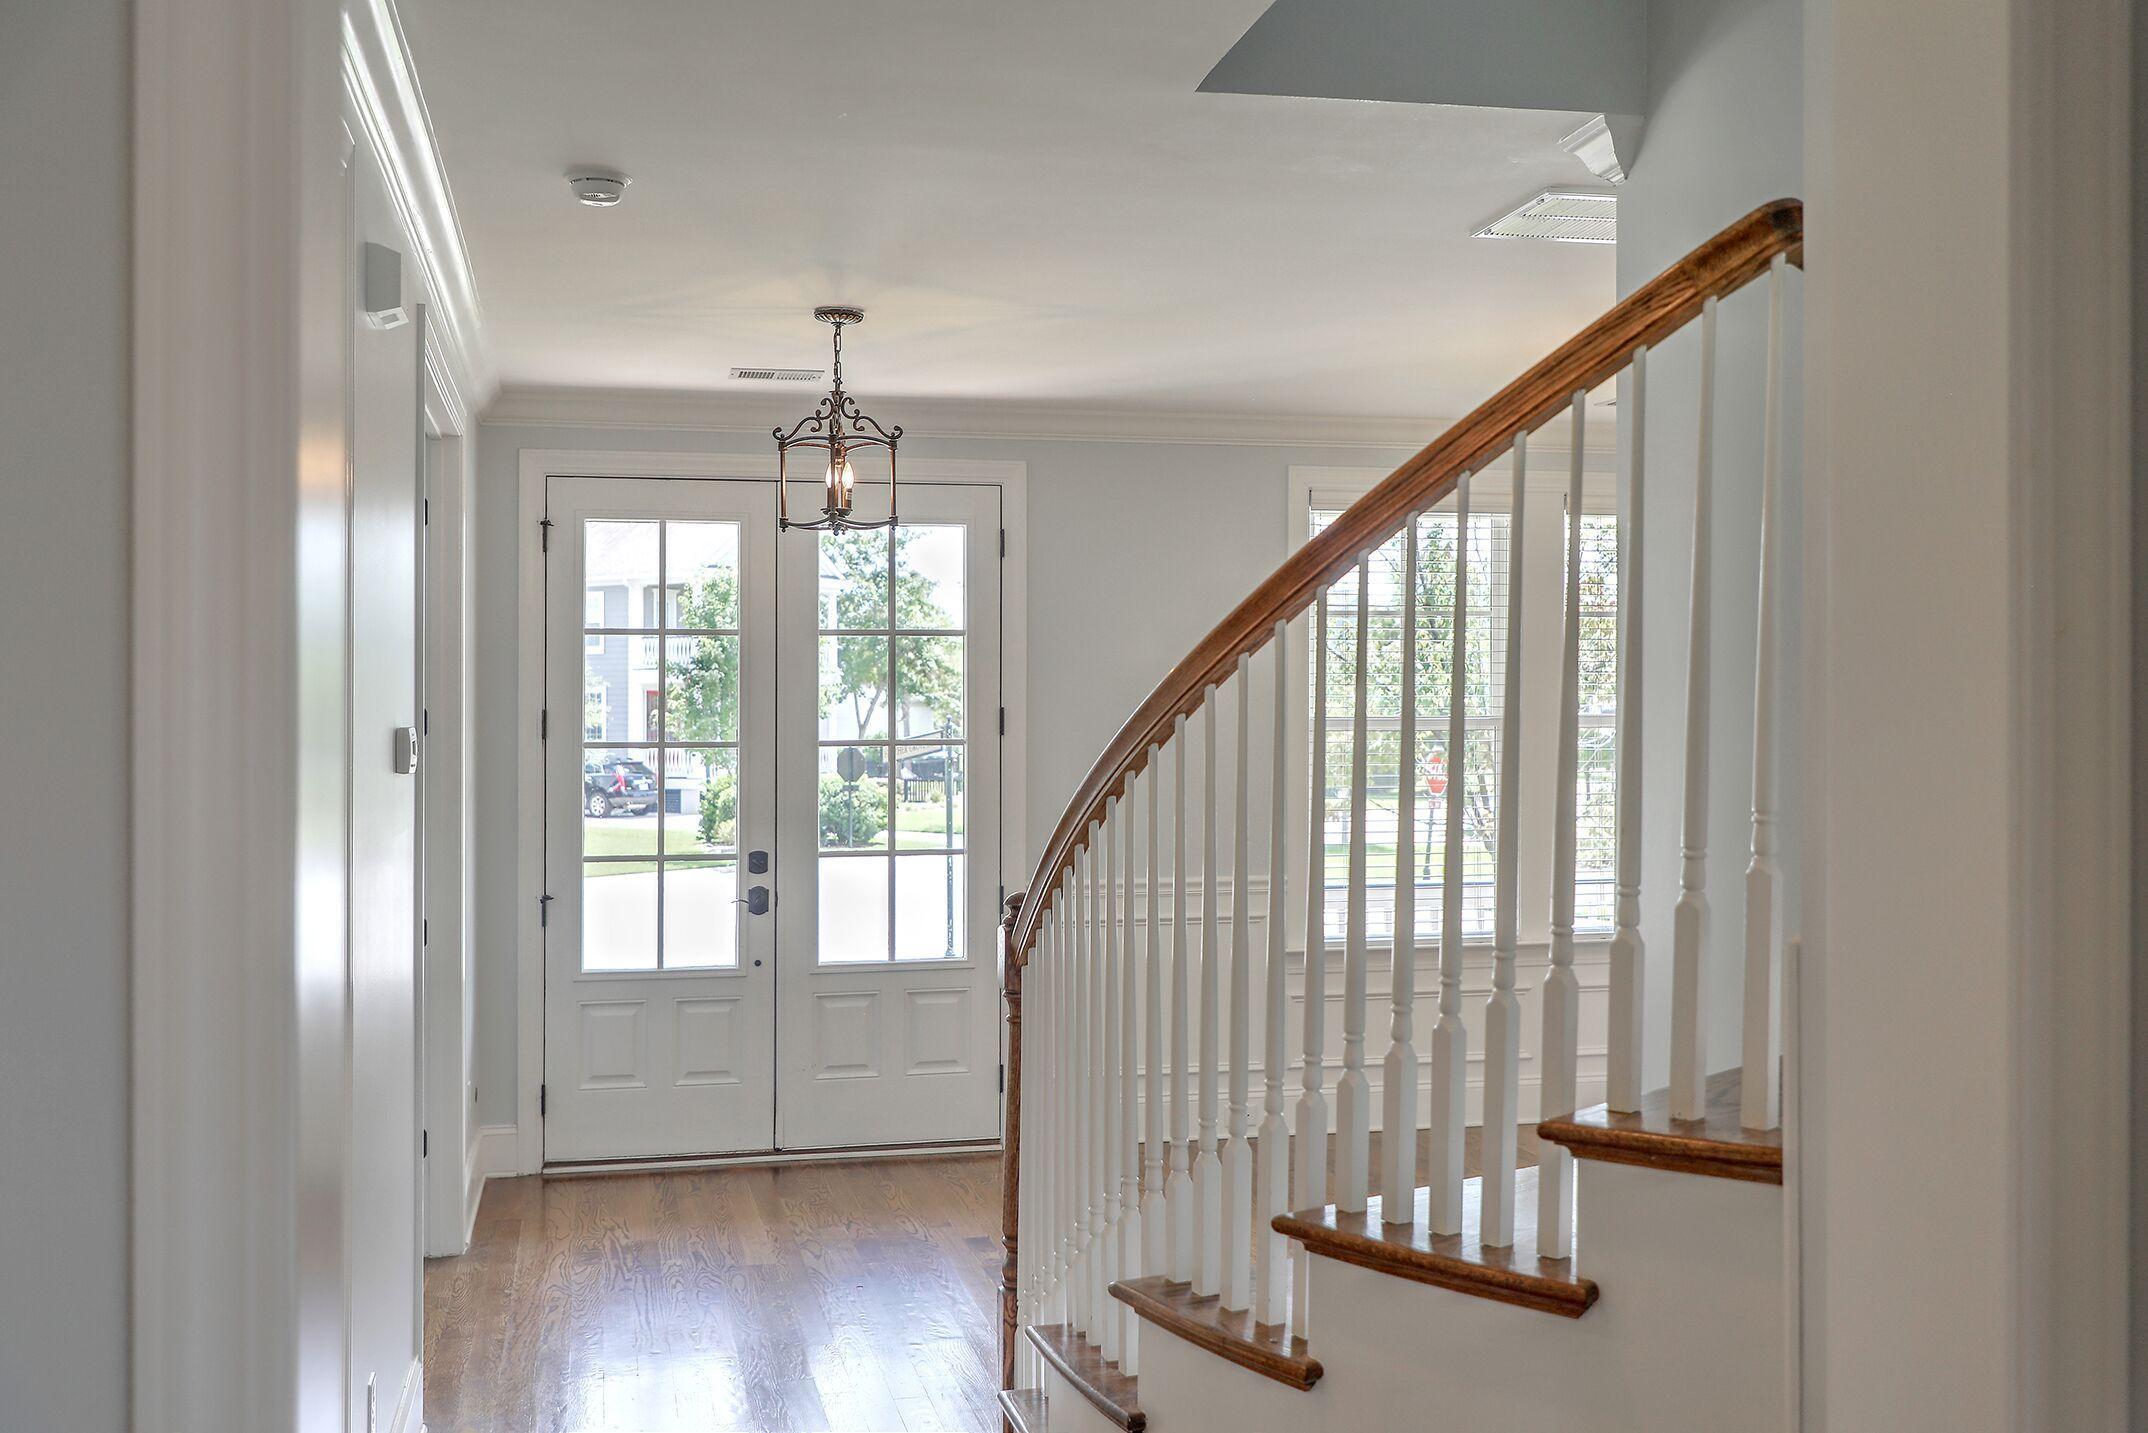 Dunes West Homes For Sale - 2970 Sturbridge, Mount Pleasant, SC - 42